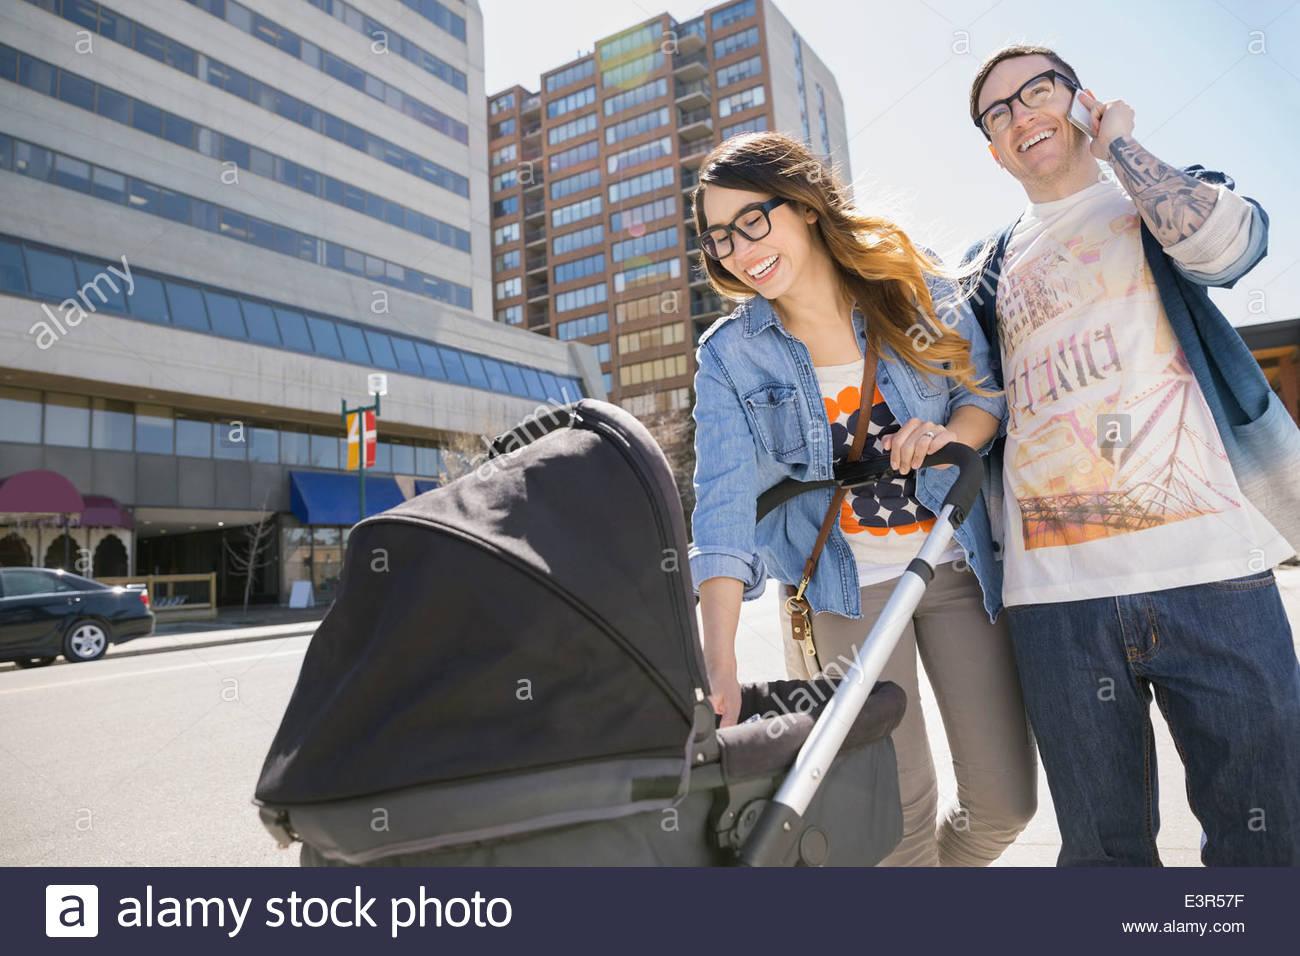 Hipster-paar schieben Kinderwagen auf der sonnigen urban street Stockbild